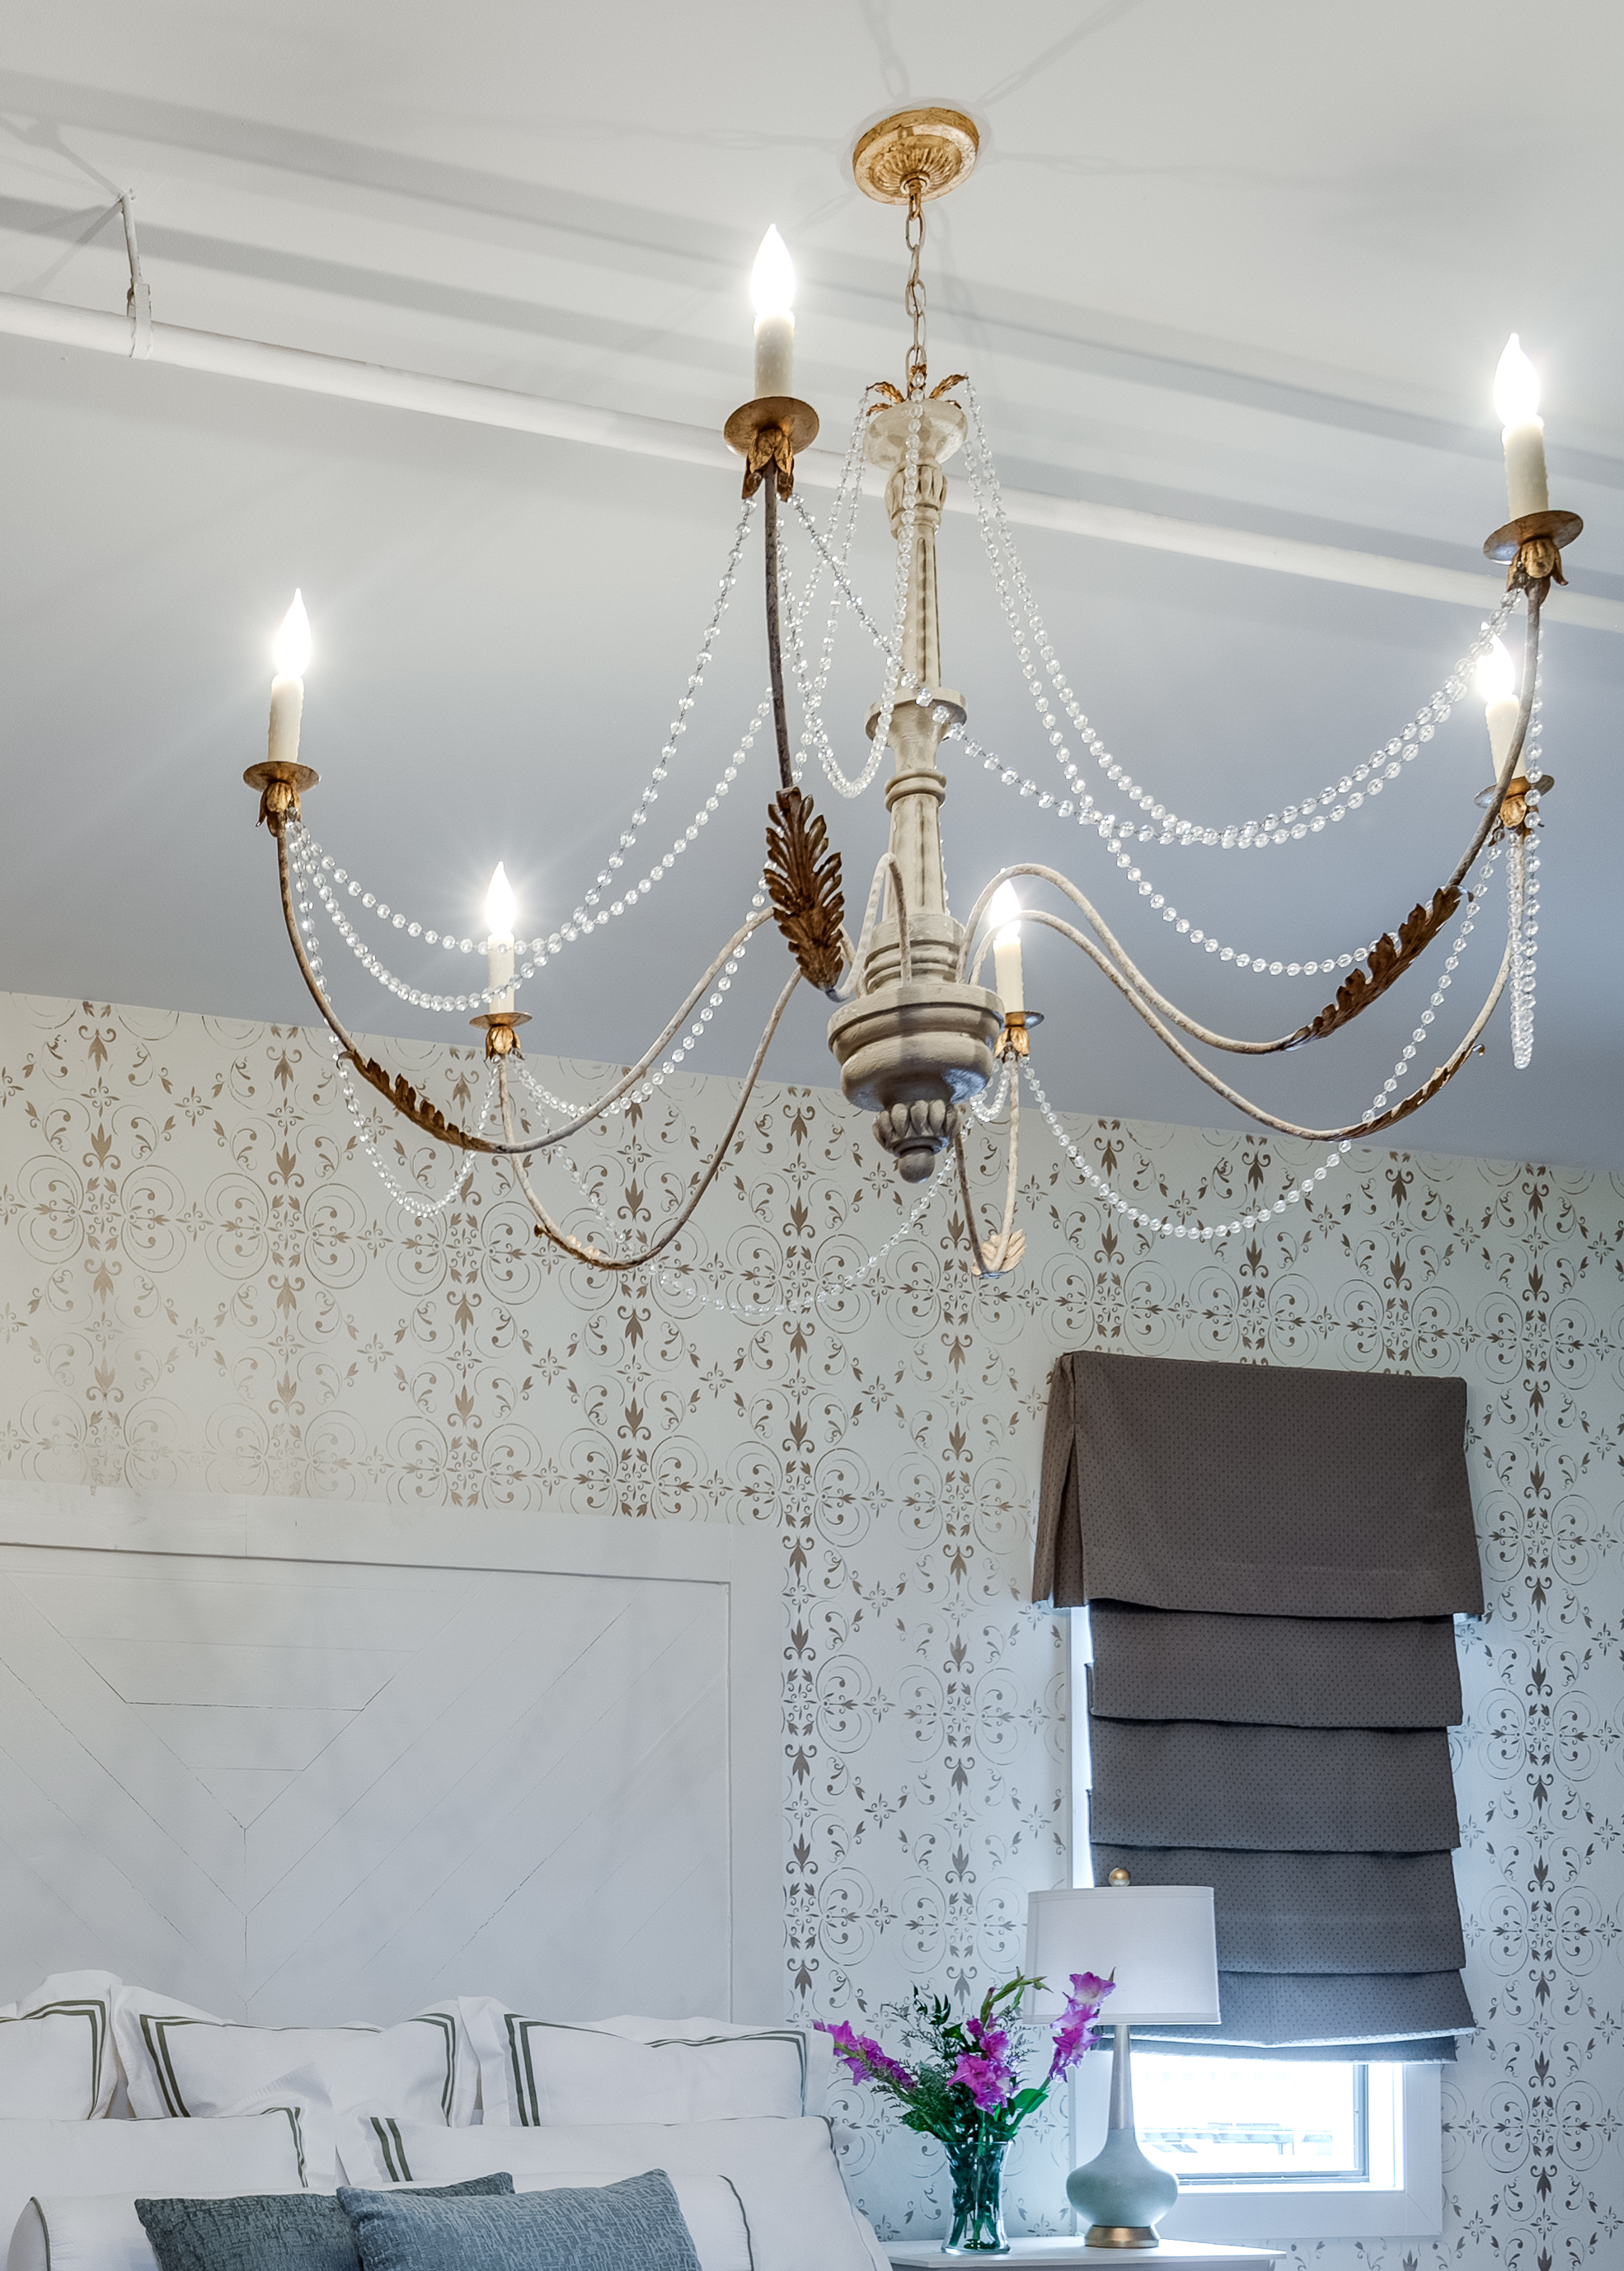 bedroom chandelier ideas metairie uptown top interior designers khb interiors